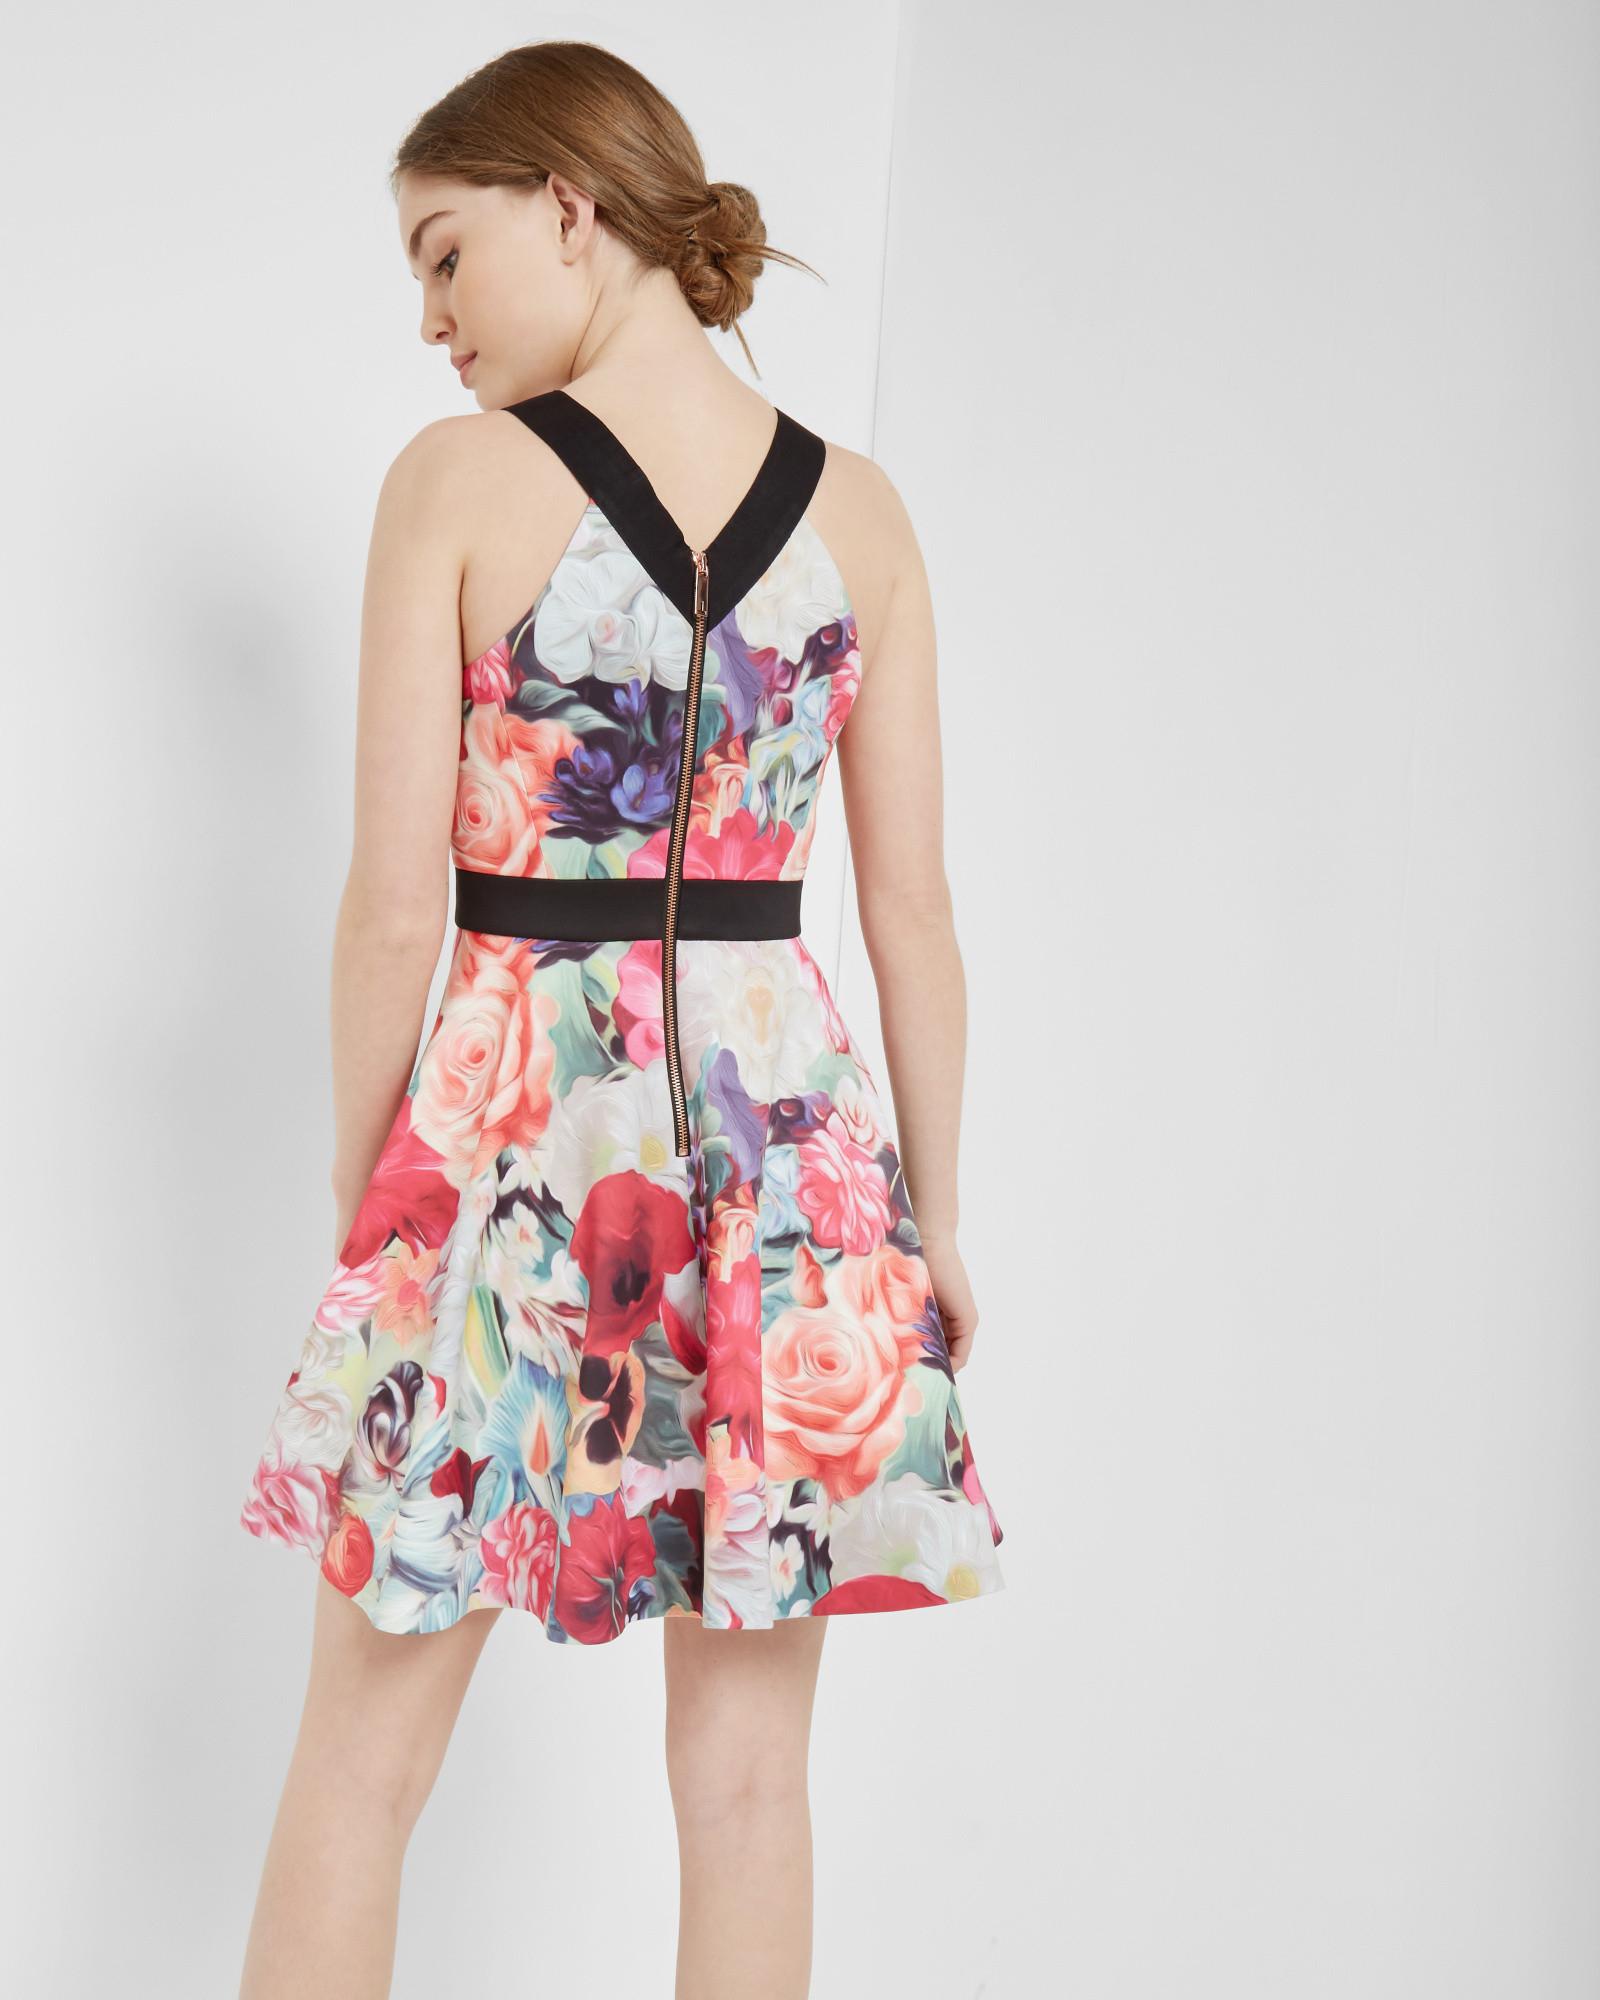 77b93964d096d4 Lyst - Ted Baker Floral Swirl Skater Dress in White